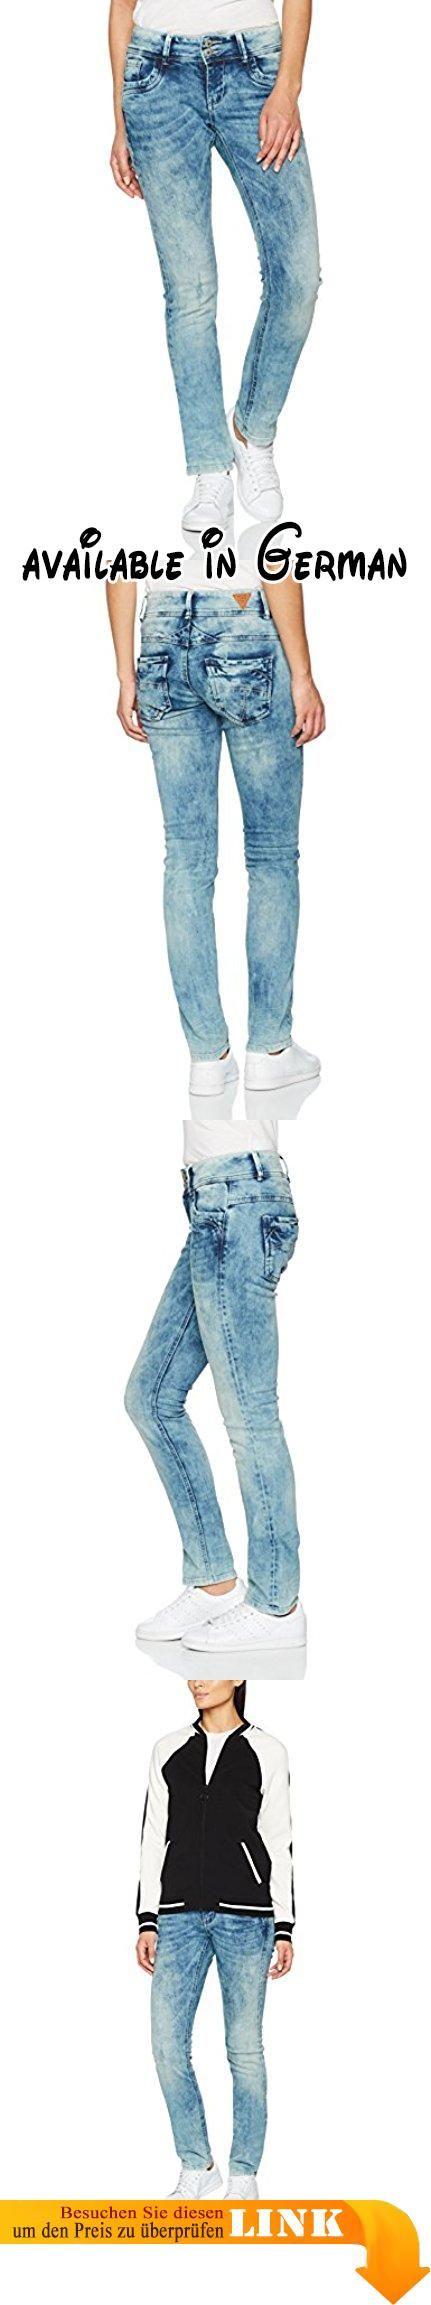 M.O.D Damen Straight Jeans Larissa Blau (Fall Blue 1368), W29/L32. schicke Damen-Jeanshose des Jeans-Labels M.O.D Miracle of Denim. dezente Waschung erzeugt einen lässigen Look. Top-Qualität, sehr gute Verabeitung, hoher Tragekomfort durch Elasthan-Anteil. gerade geschnittene Beine, normal geschnittene Oberschenkel. Medium-Waist - normale Leibhöhe #Apparel #PANTS